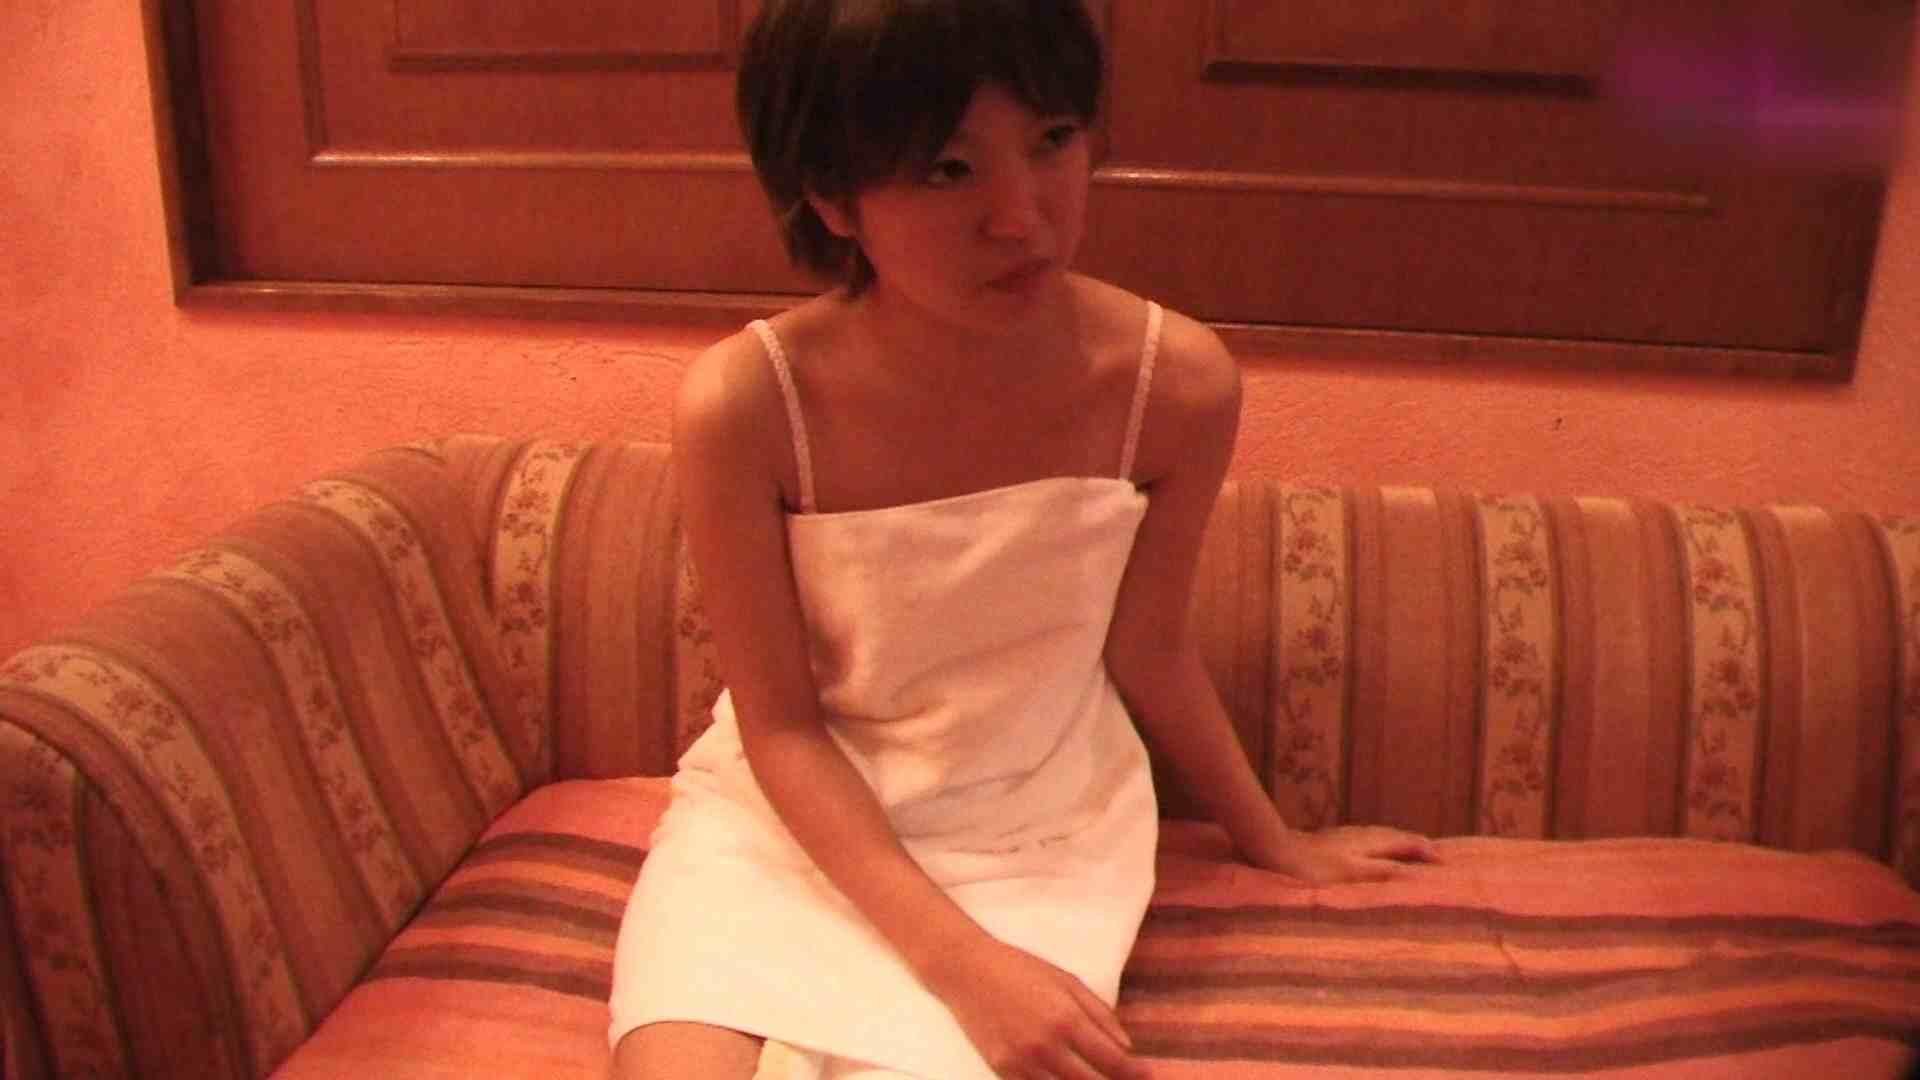 おしえてギャル子のH塾 Vol.26 前編 フェラチオ AV無料動画キャプチャ 85連発 15